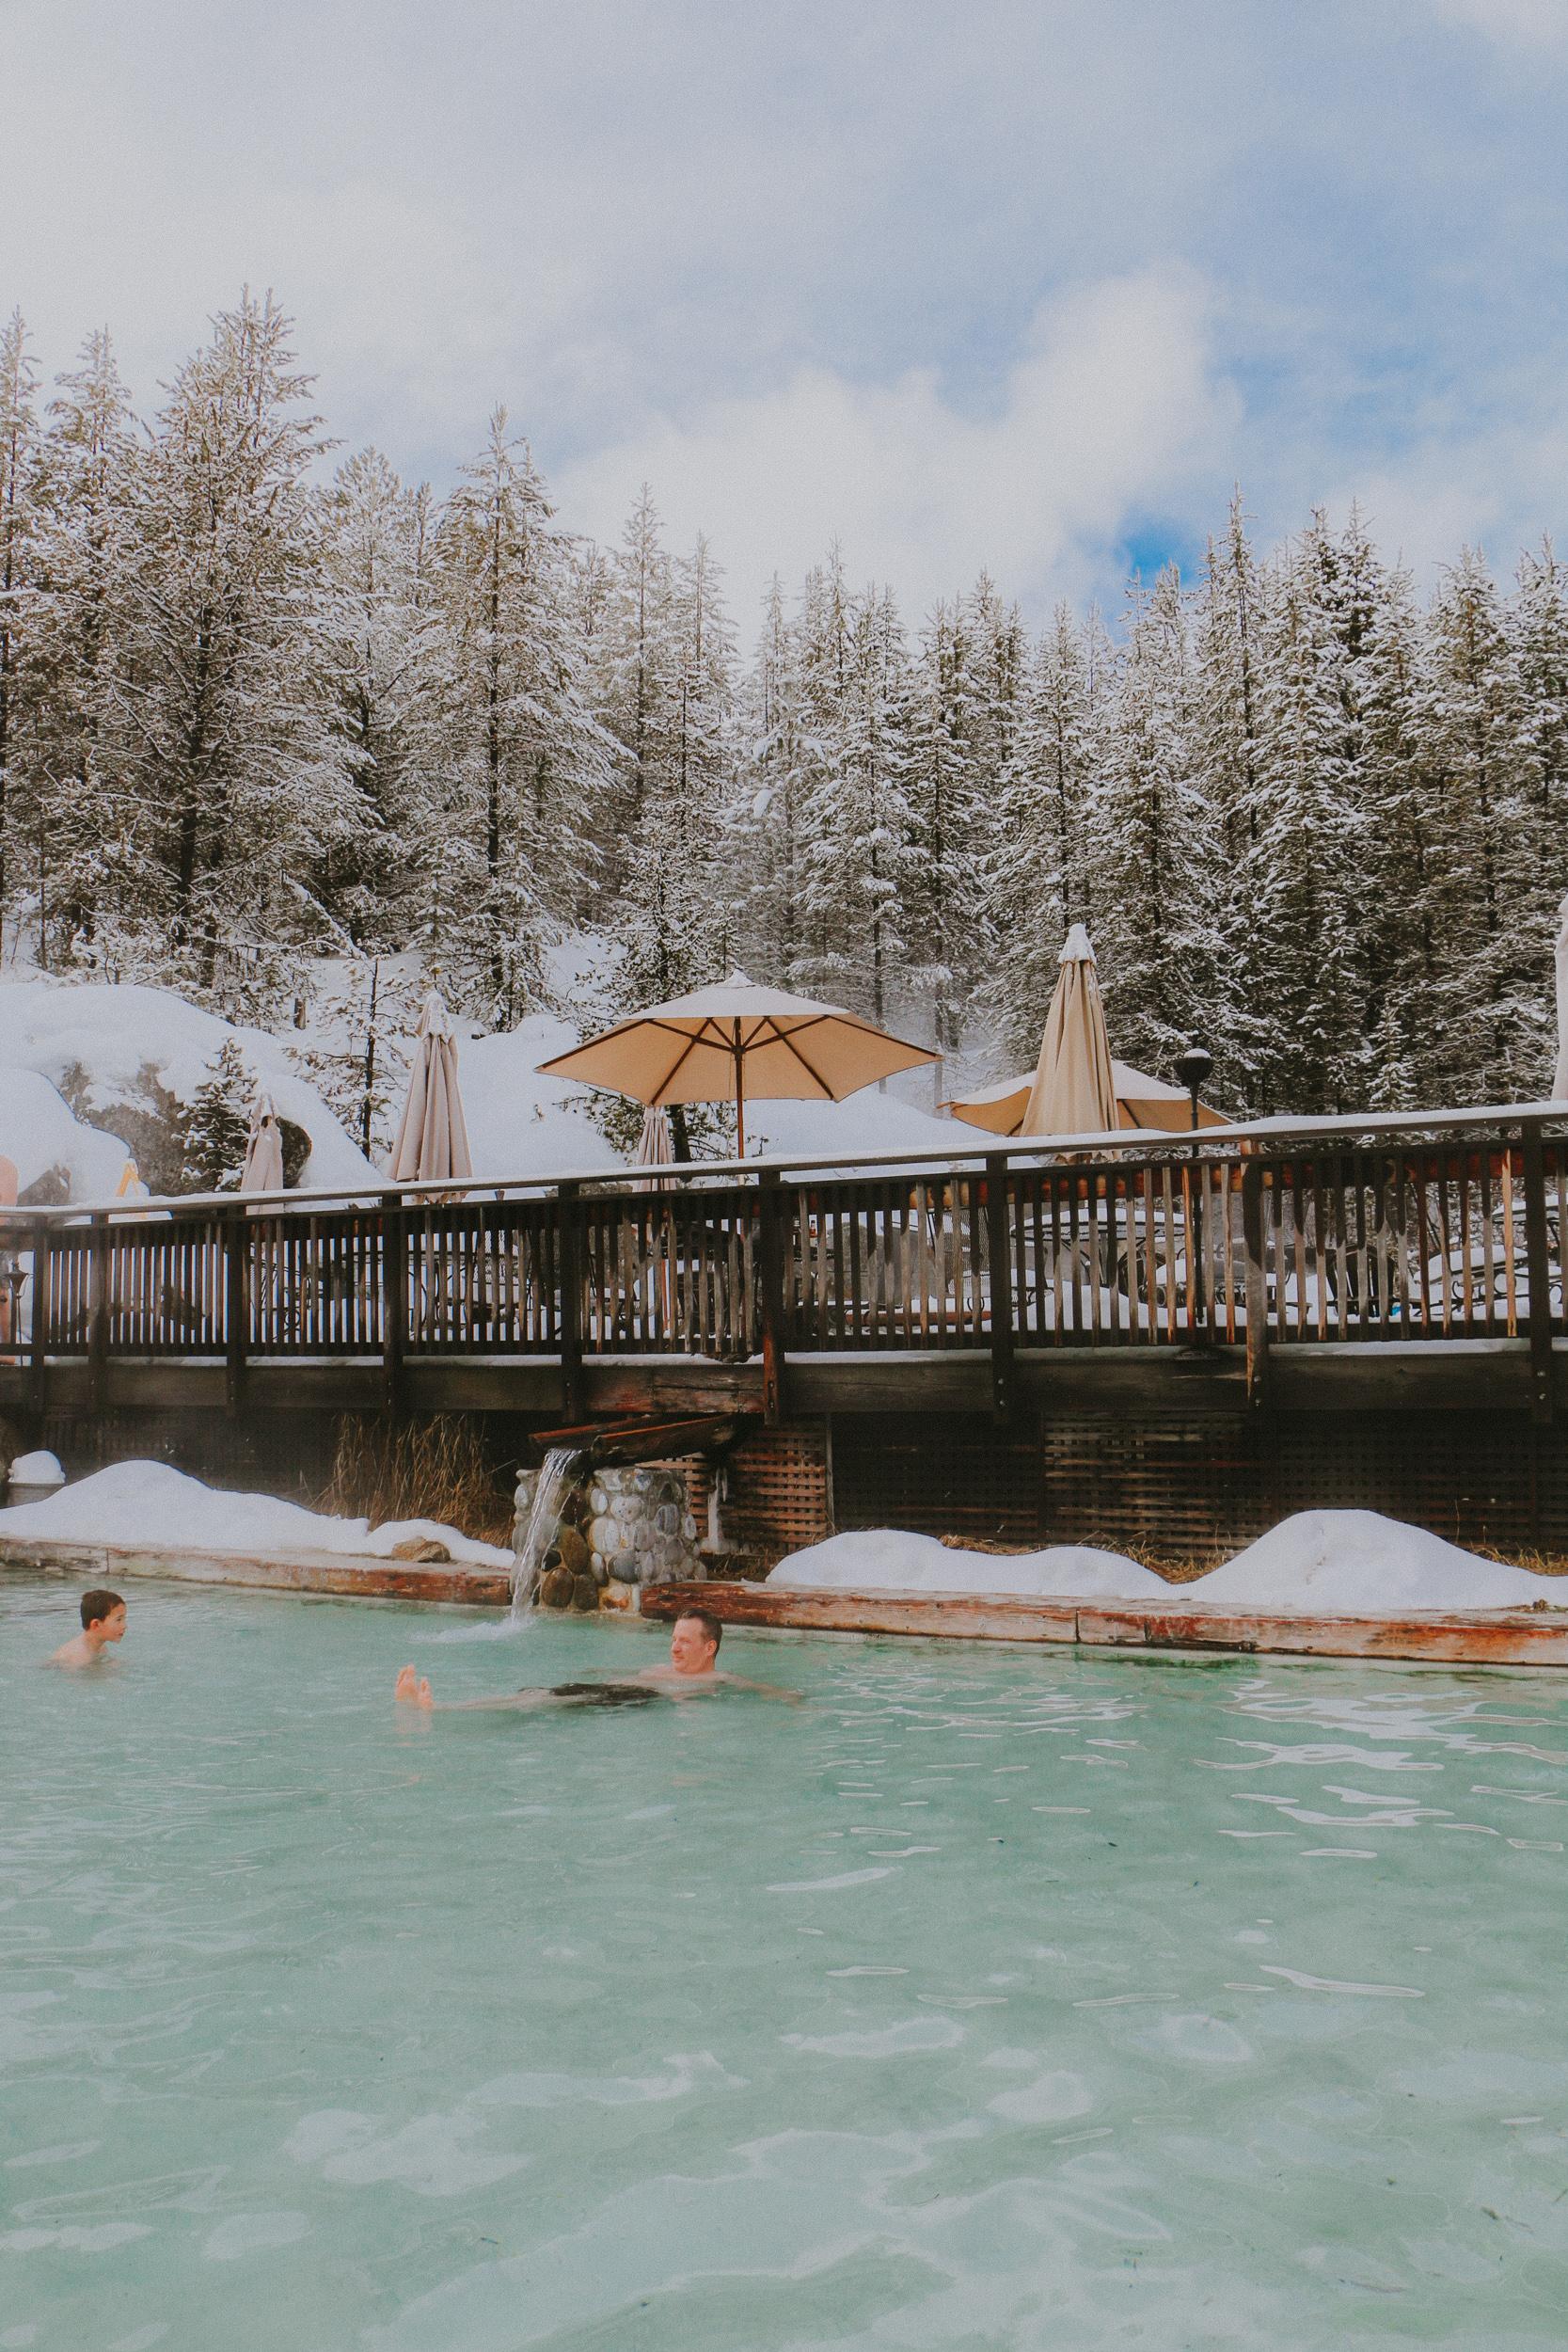 idaho hot springs road trip snowpocalypse-1812.jpg